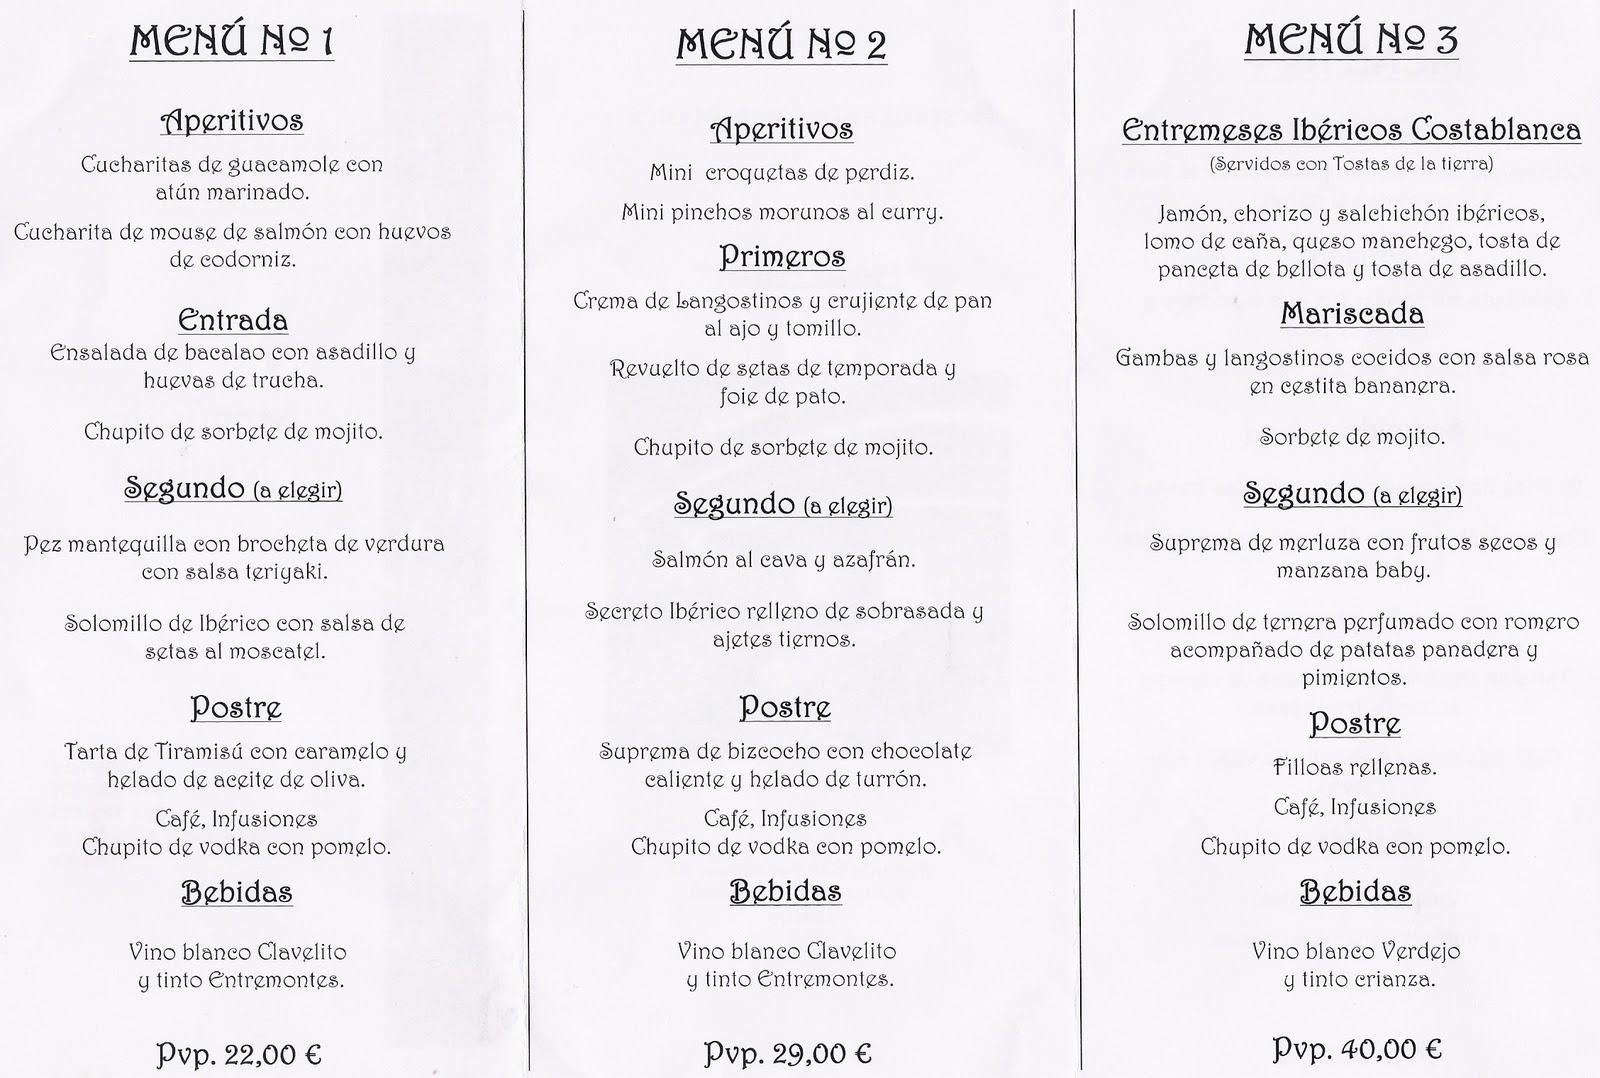 Charlas de taberna cena de navidad elecci n de menu for Menu de cenas